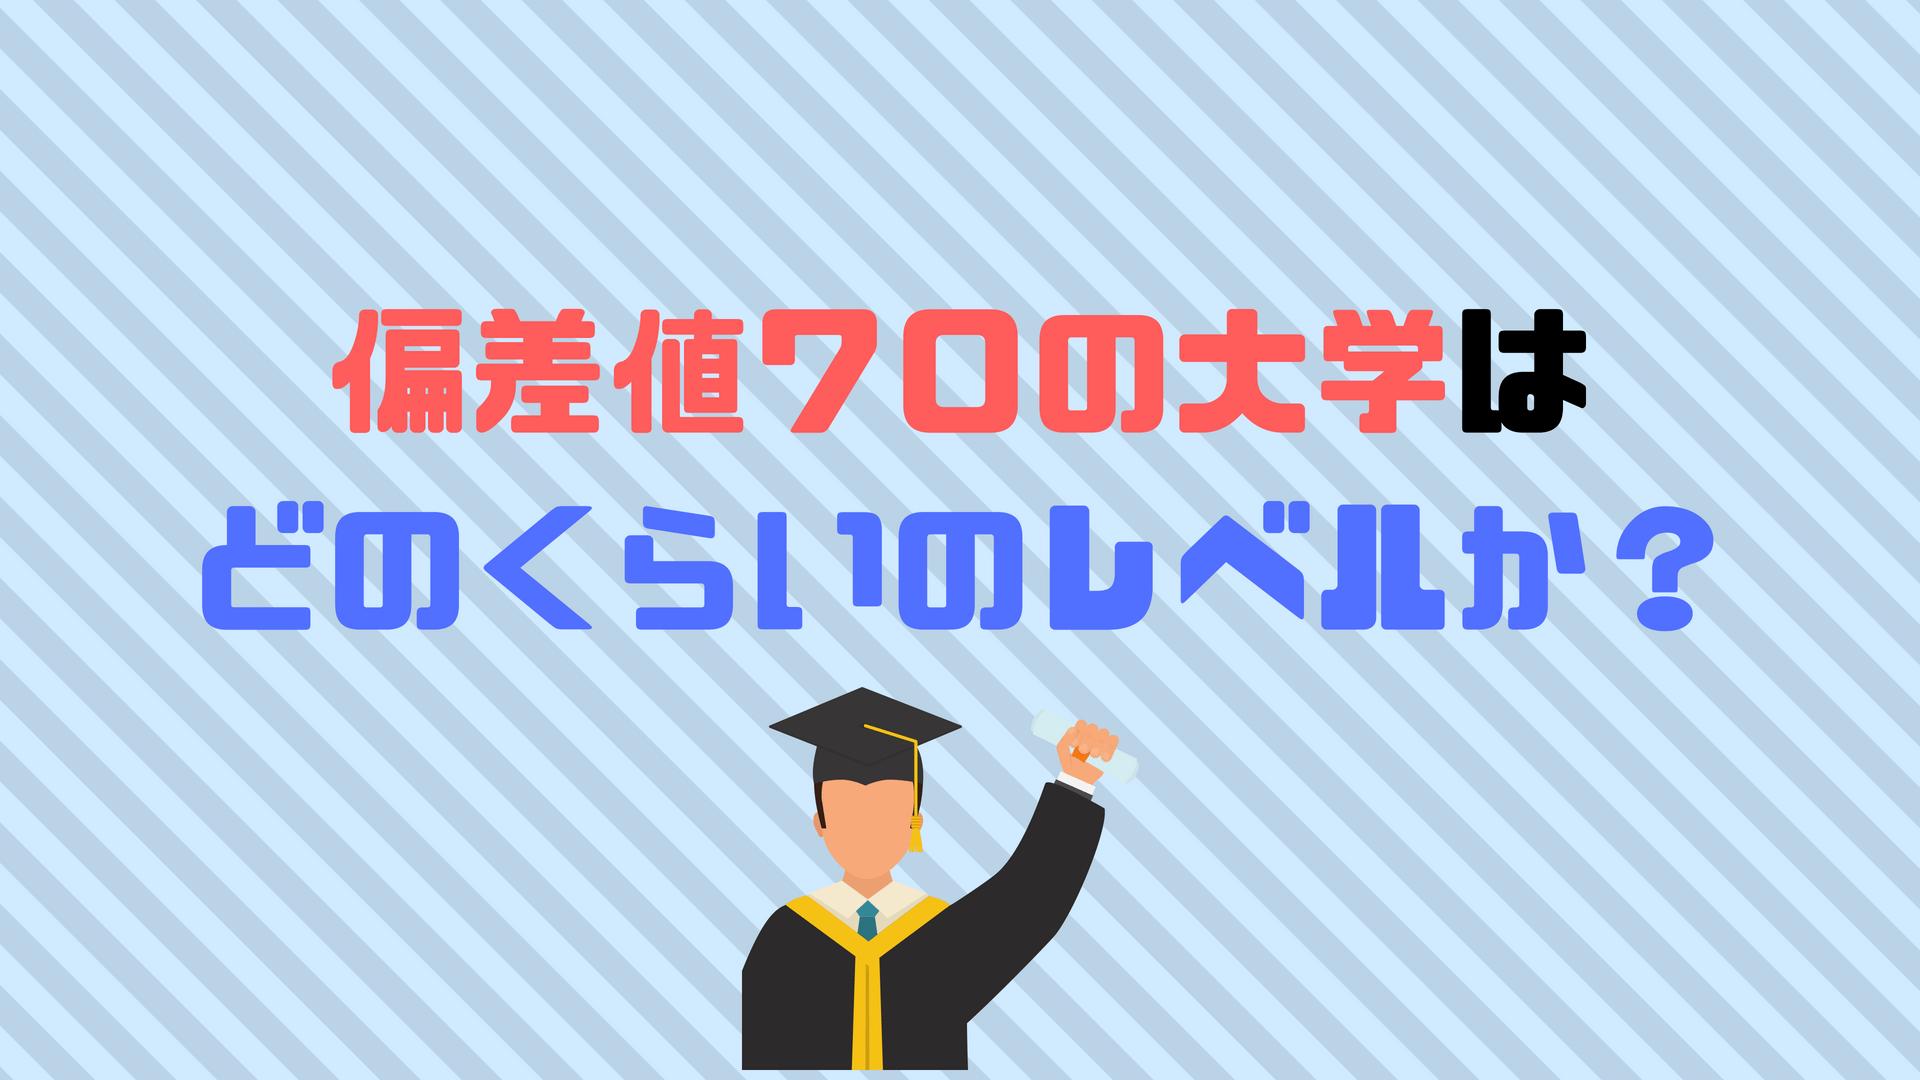 偏差値70の大学は どのくらいのレベルか? (1)